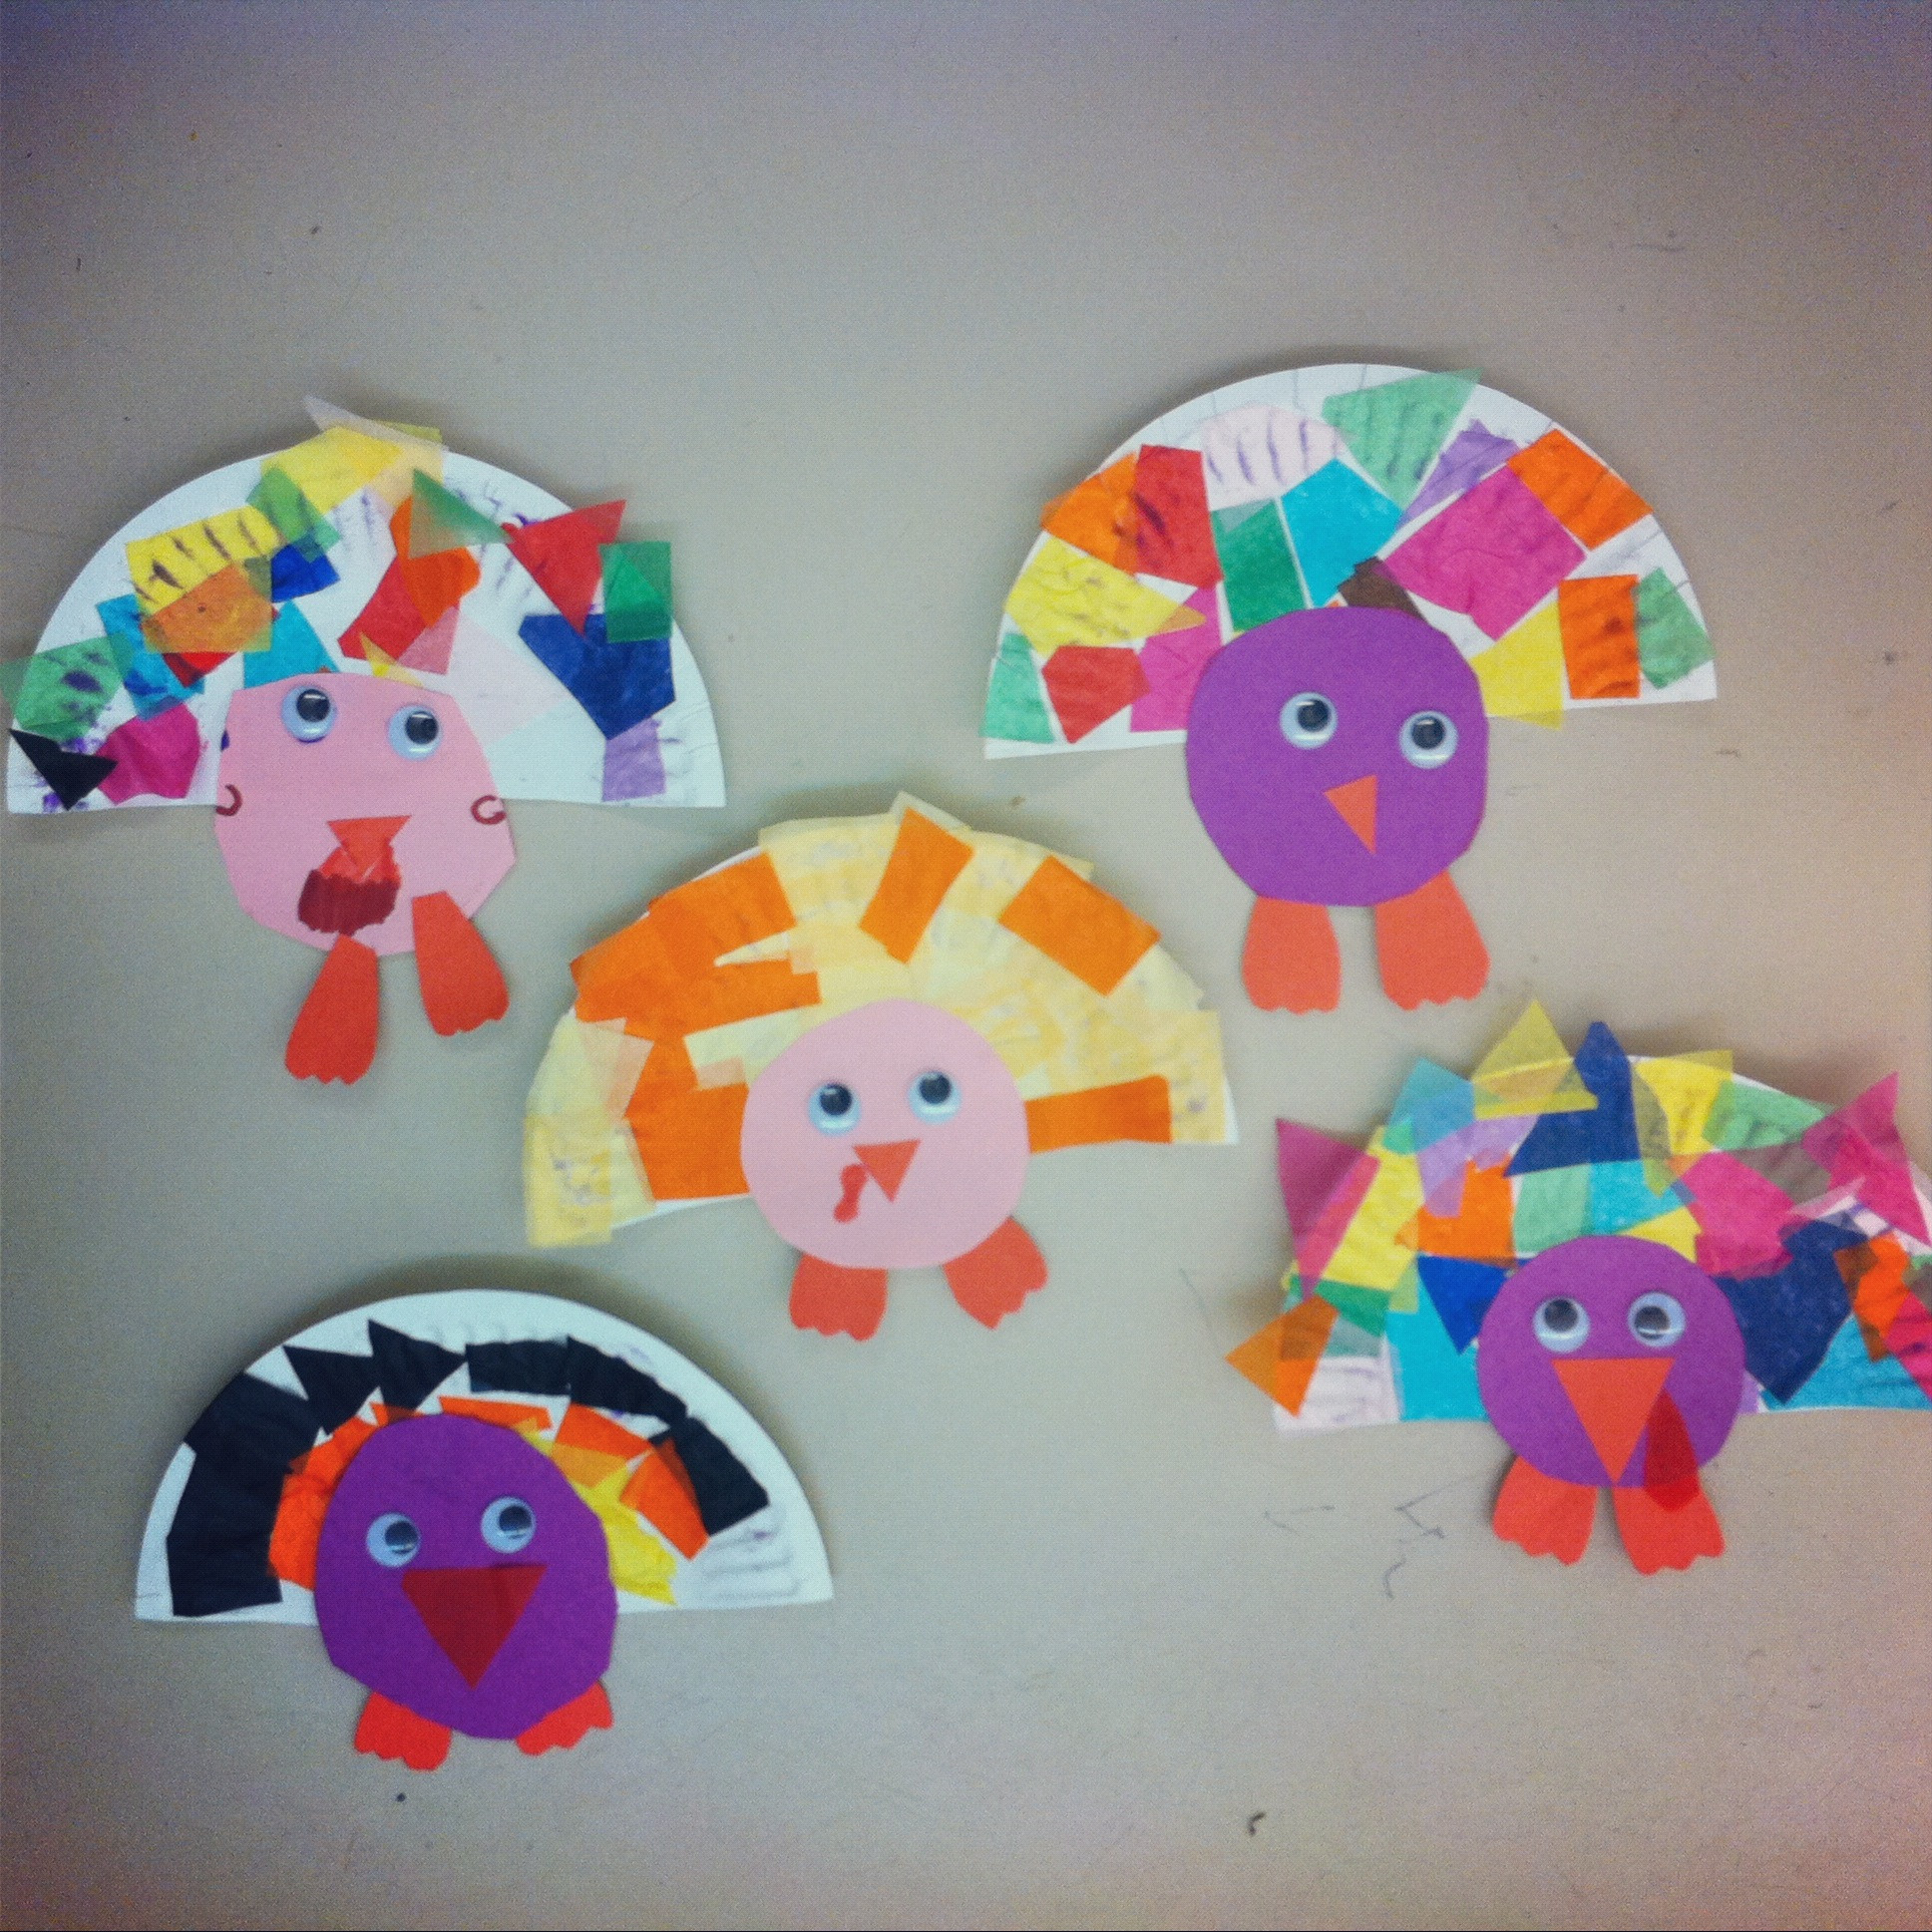 Easy Art Activities Preschoolers  November 2012